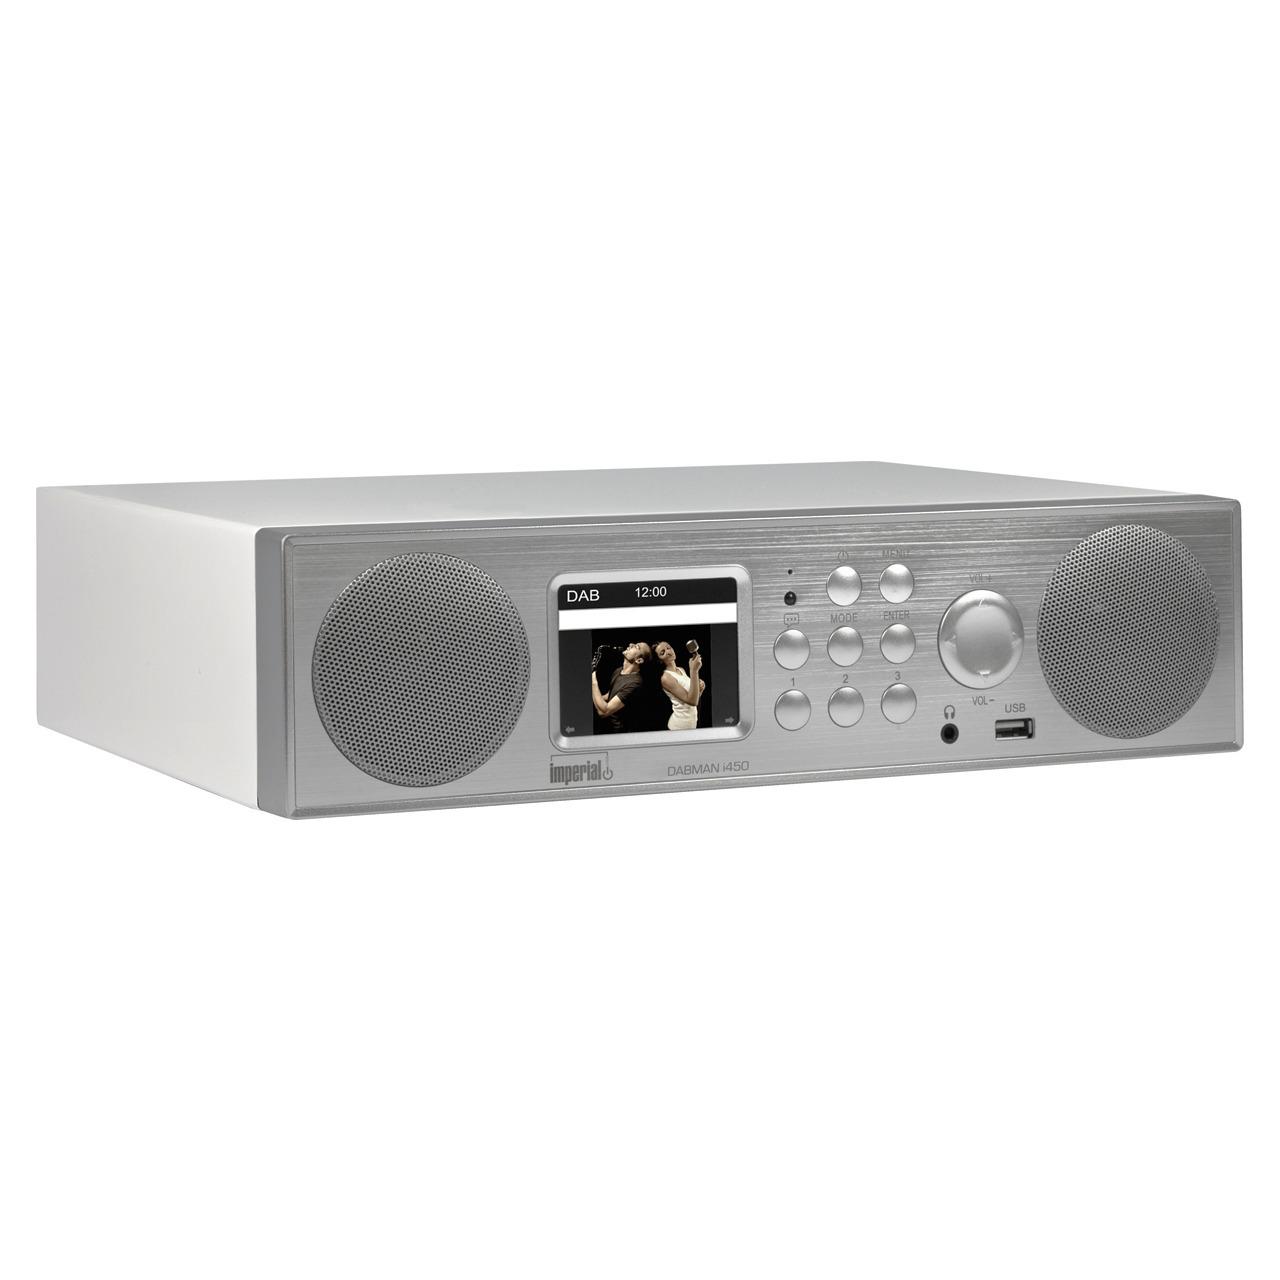 Imperial Hybrid-Kund-252 chen-Tischradio Dabman i450- UKW-DAB+-Internet- DLNA- Bluetooth- USB